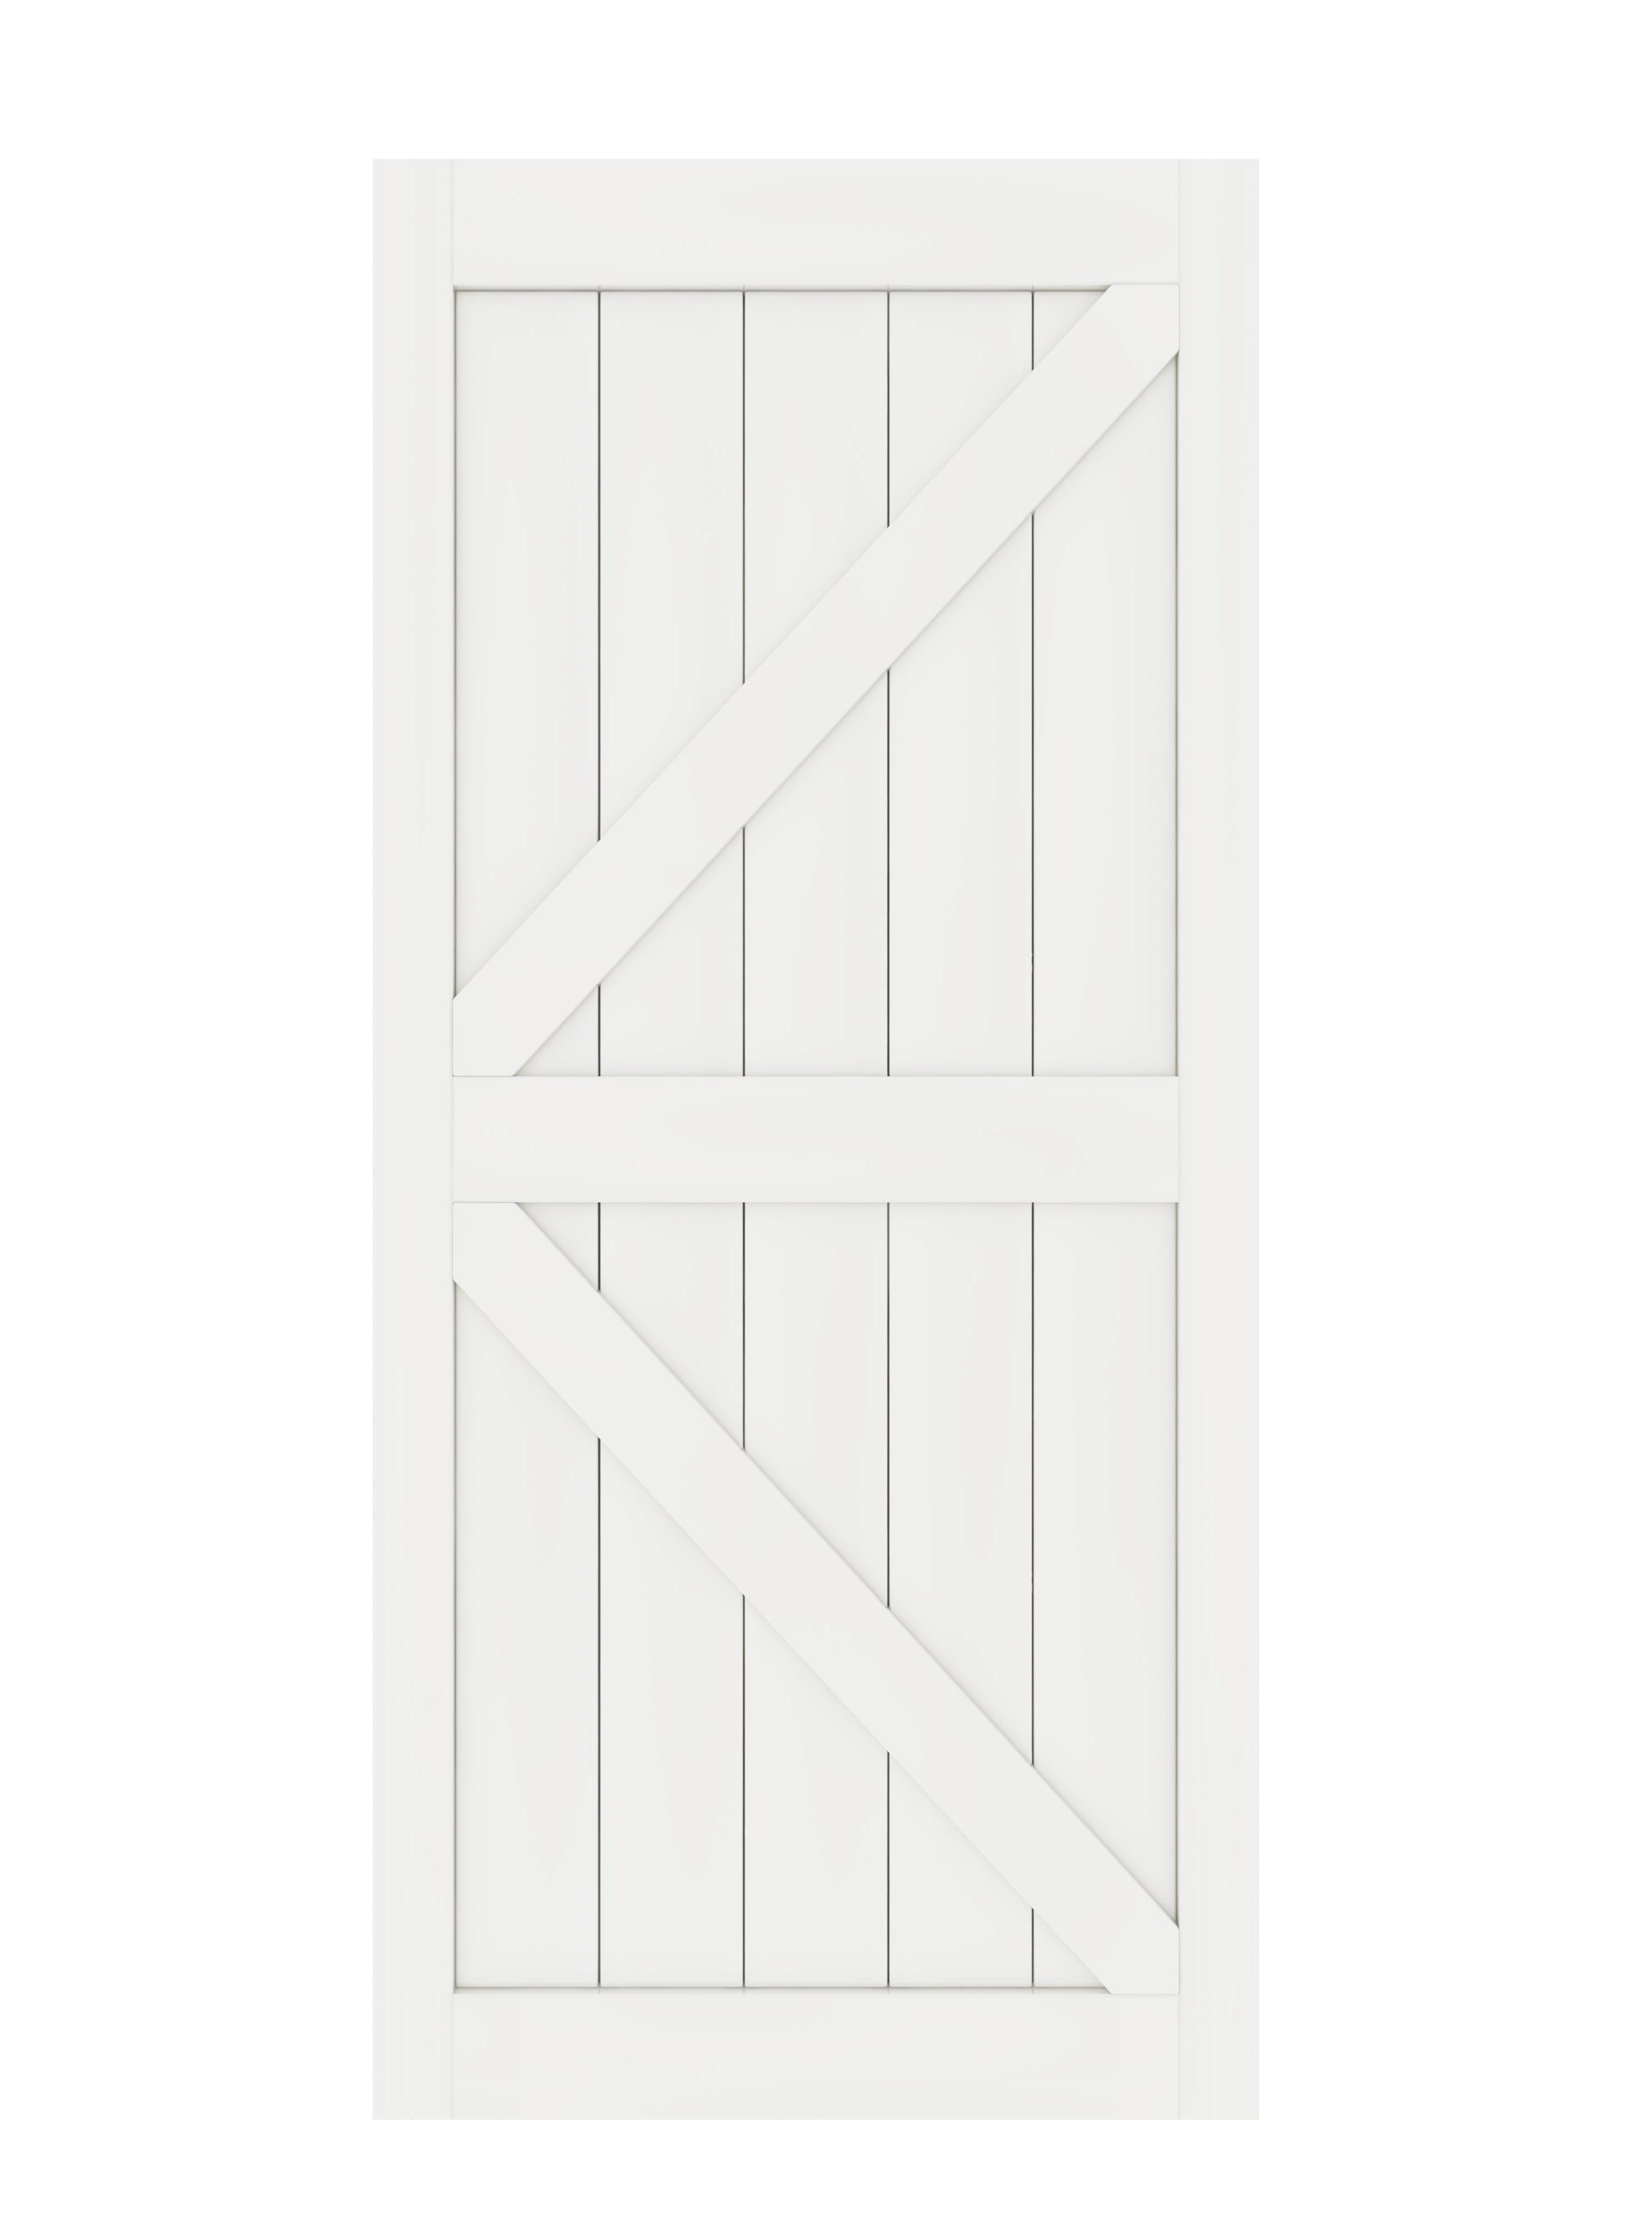 DIYHD K en forme de noyau solide grange dalle MDF apprêté panneau de porte intérieure (démonté), White-36X84, White-38X84